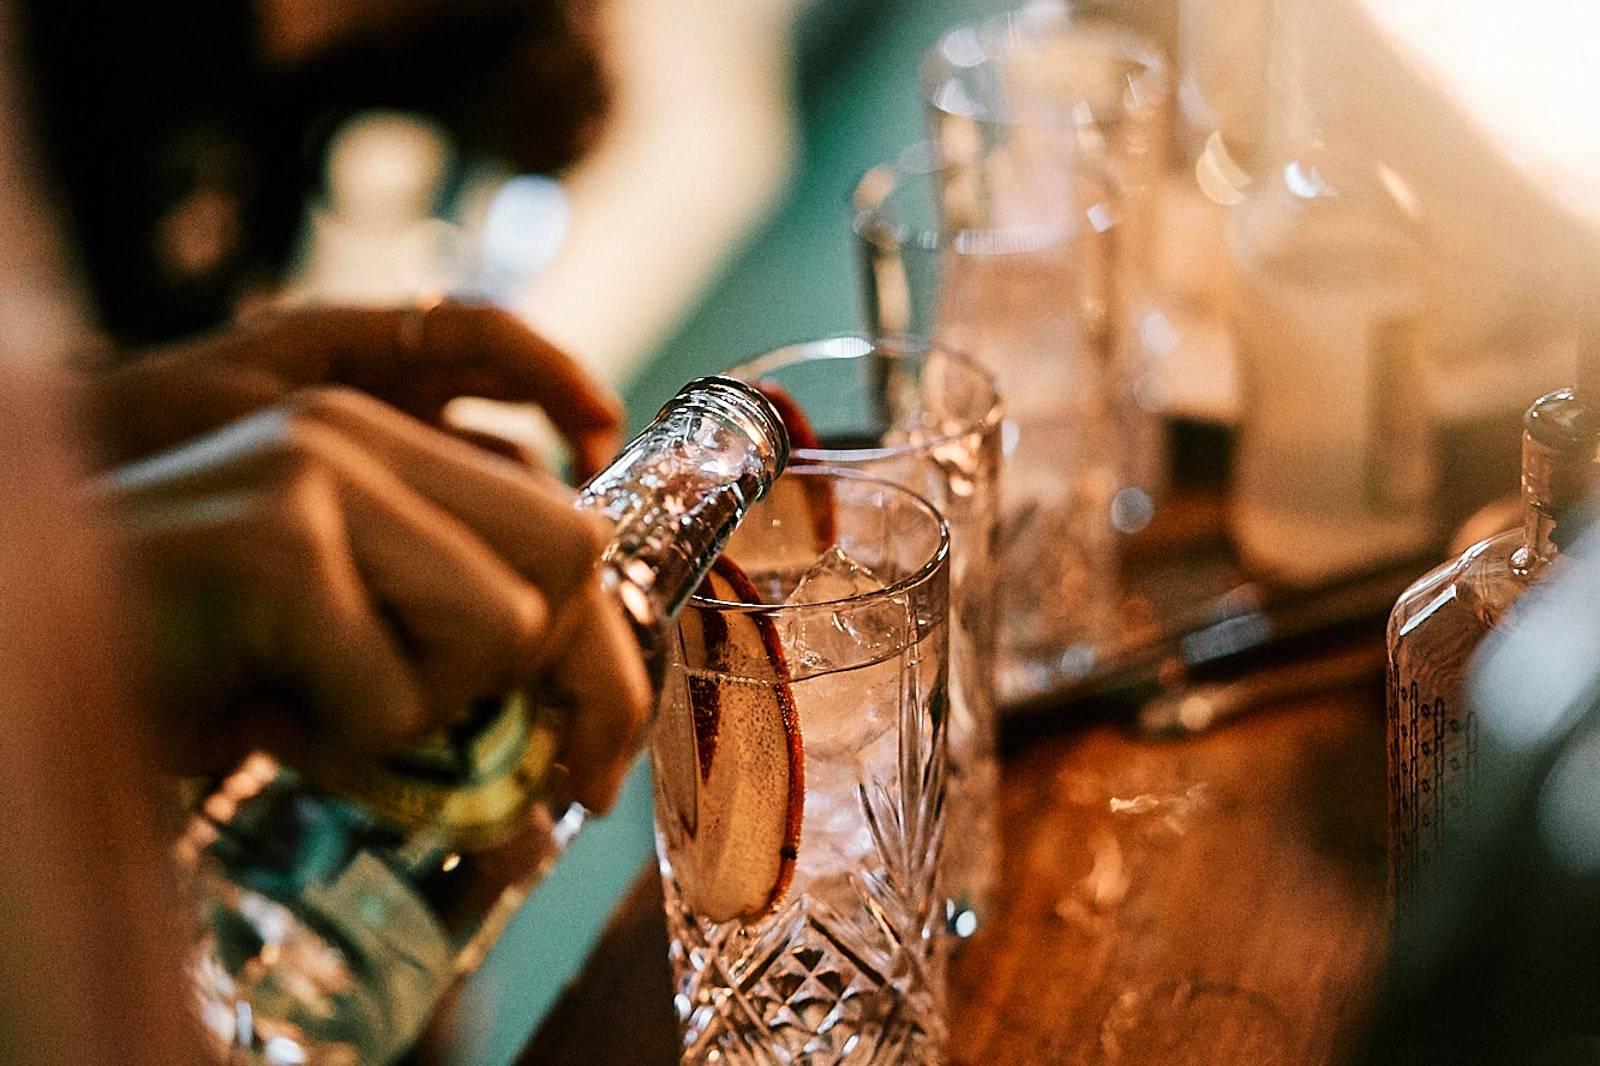 Mobile | Cocktailbar | Hochzeit | Sektempfang | Barkeeper | Mieten | Buchen | Geburtstag | Ape | VW | Bar | Getränke | Catering | Foodtruck | Weinbar | Ginbar | Sektbar | Kaffeebar | Messe | Firmenfeier